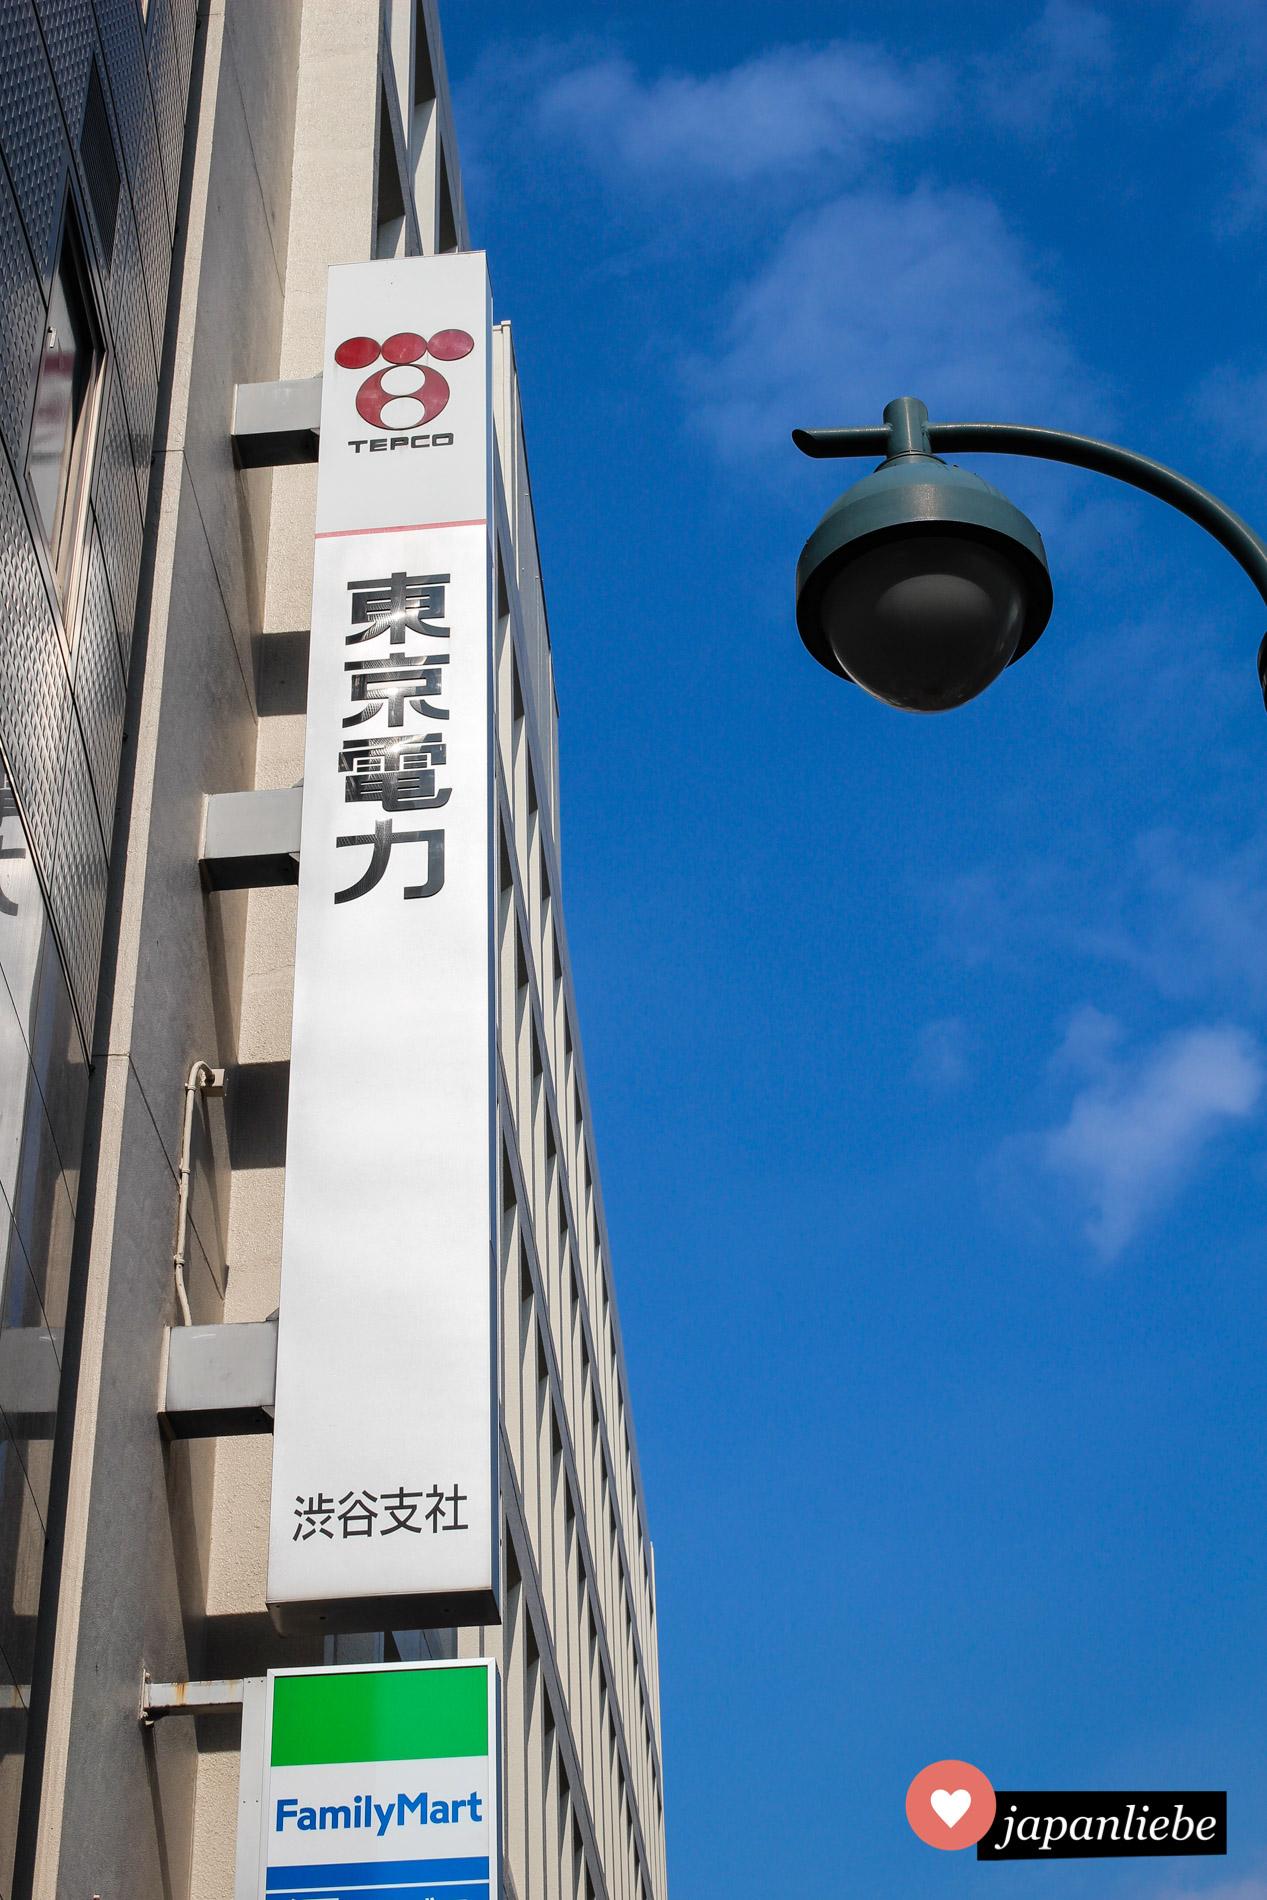 Das mittlerweile ehemalige Tepco Museum für die Geschichte der Elektrizität in Shibuya, Tōkyō.